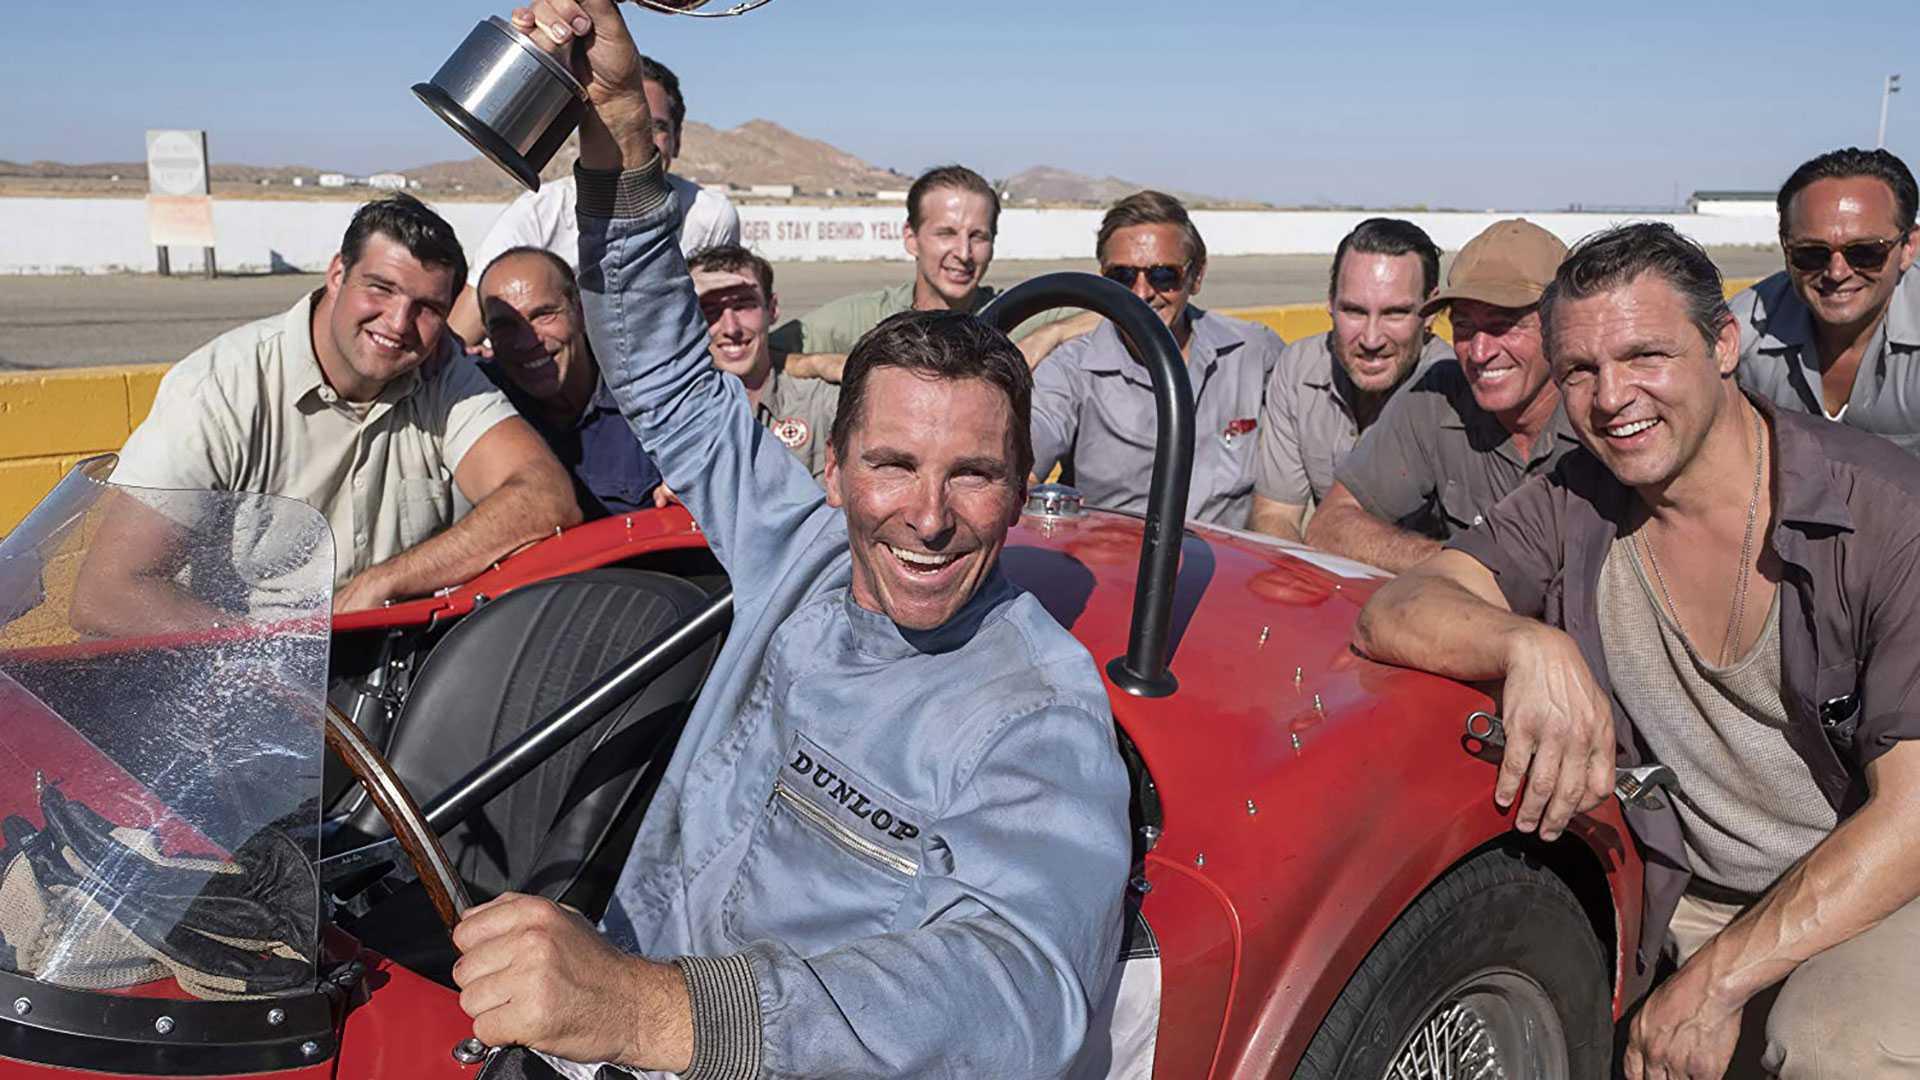 10 Minute Ford V Ferrari Sneak Peek Available For Le Mans Attendees